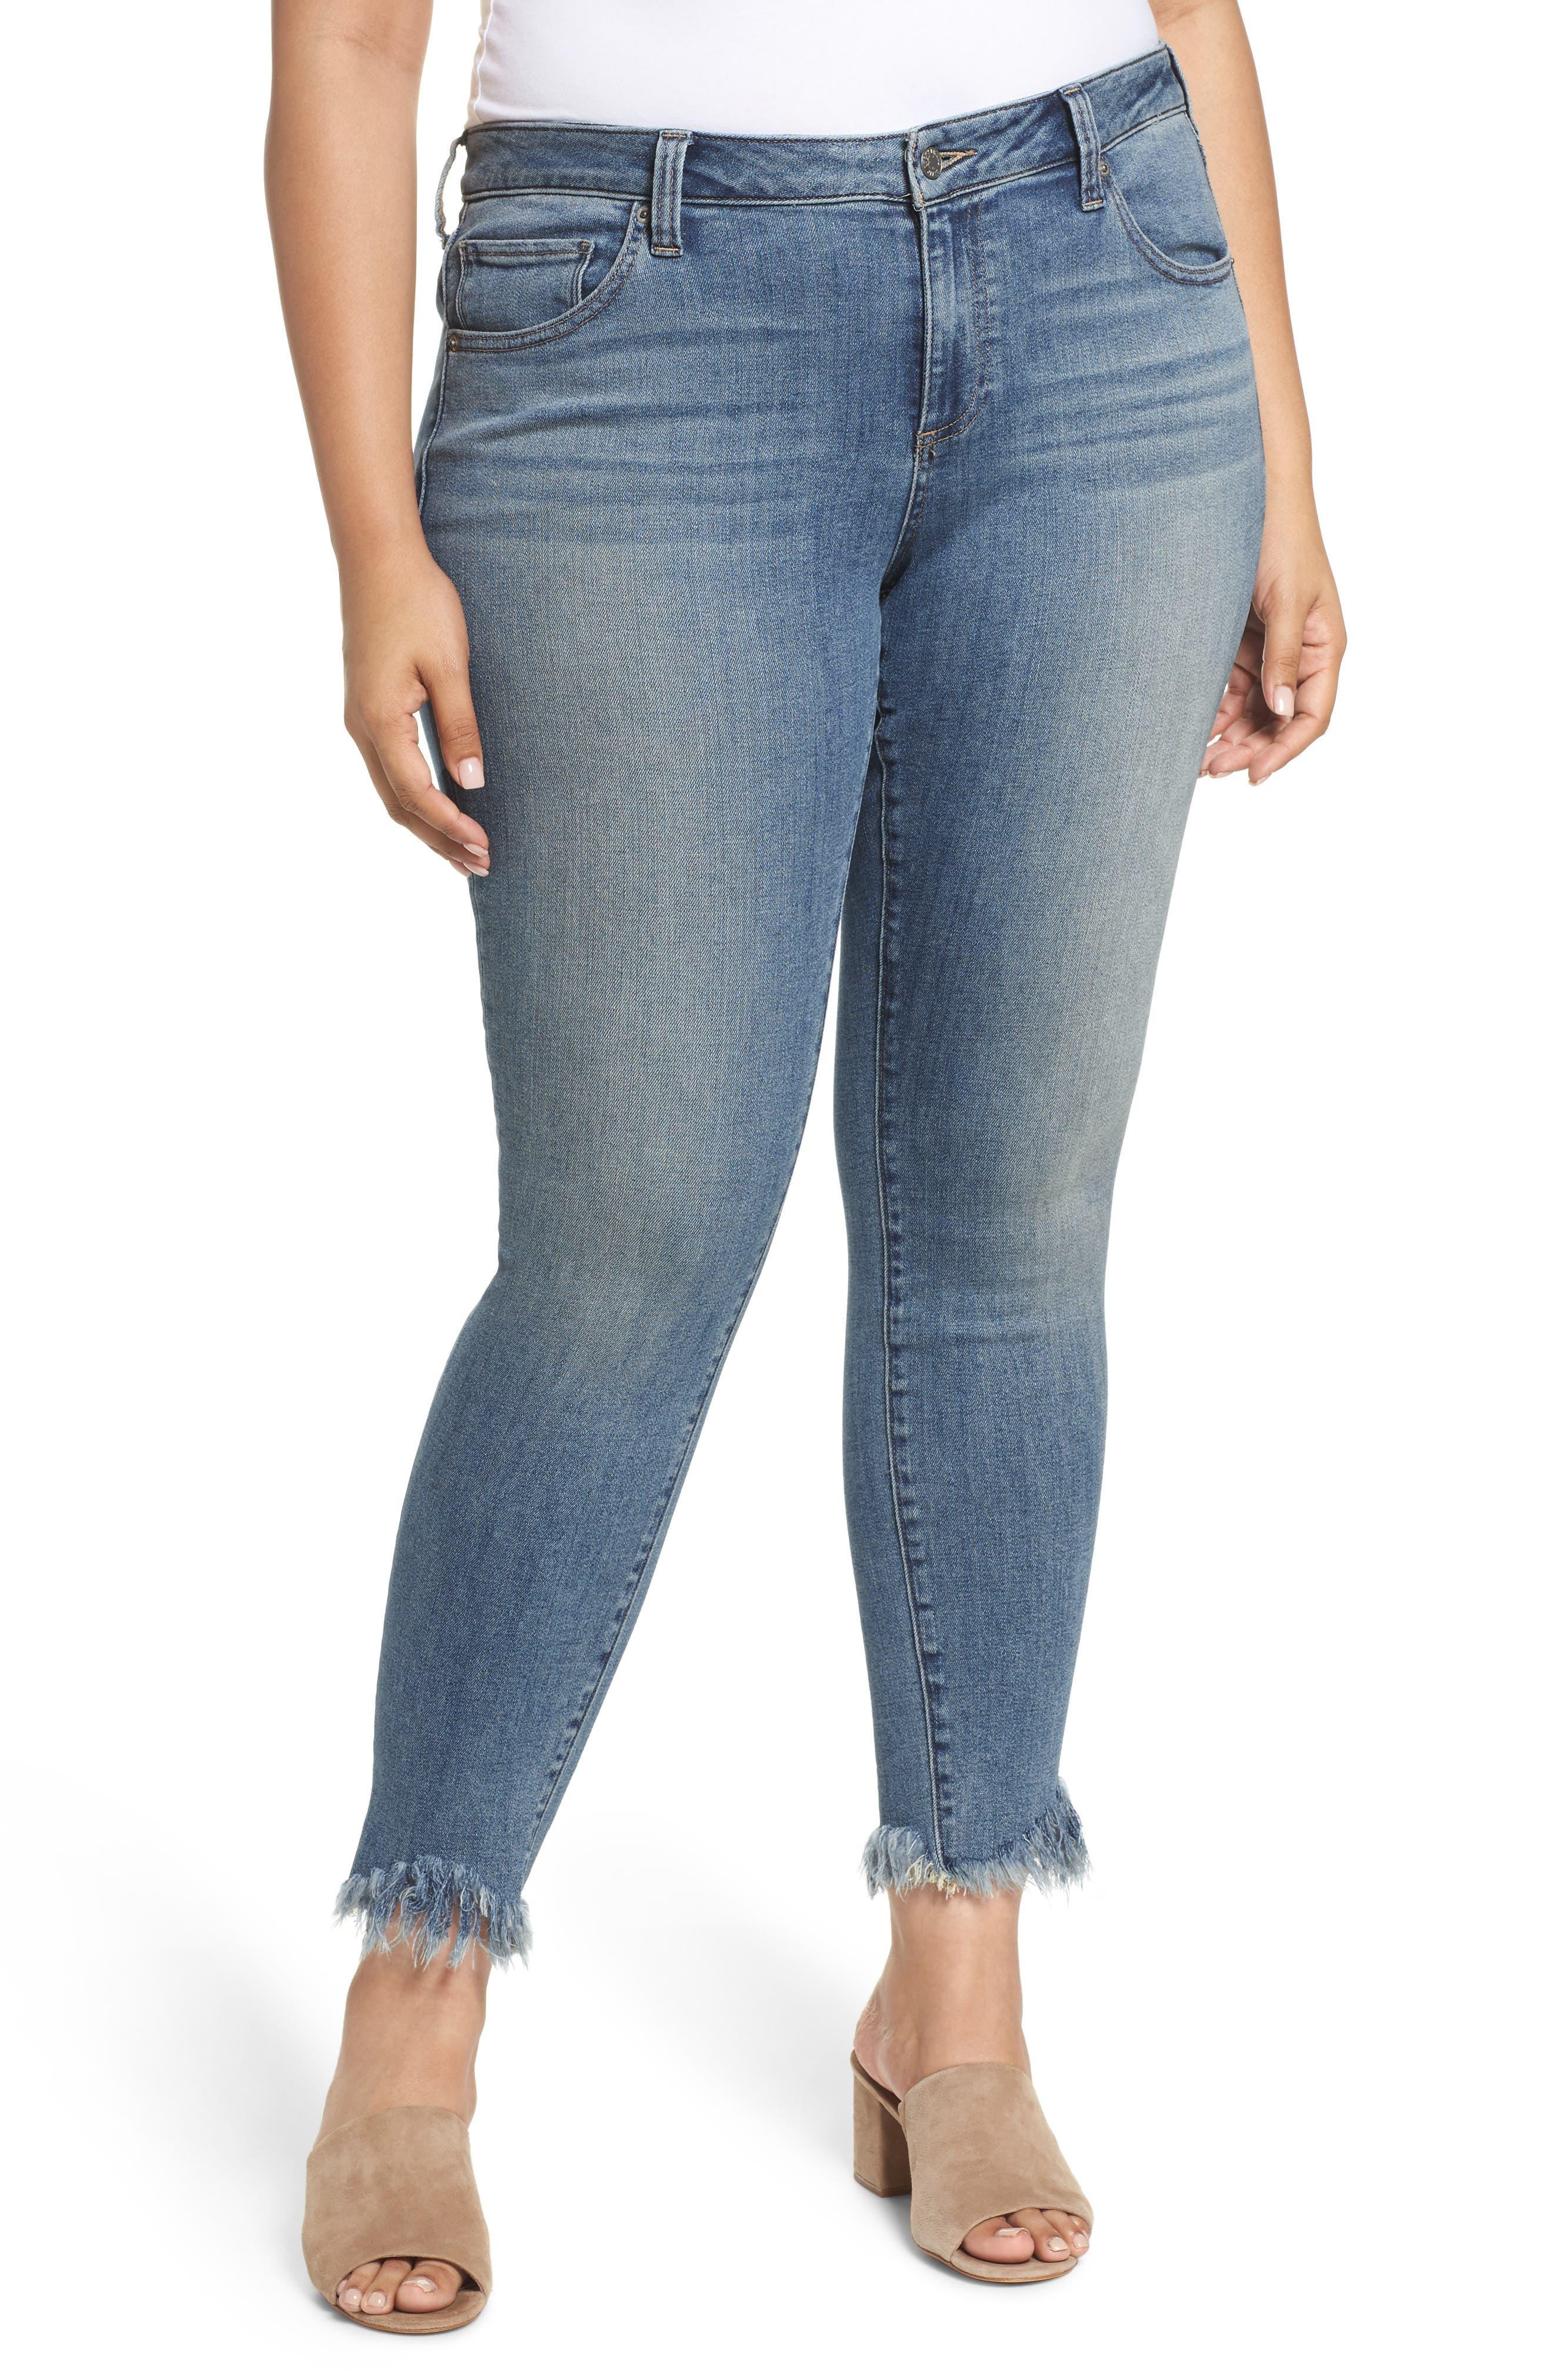 LUCKY BRAND Ginger Fringed Hem Skinny Jeans, Main, color, 400